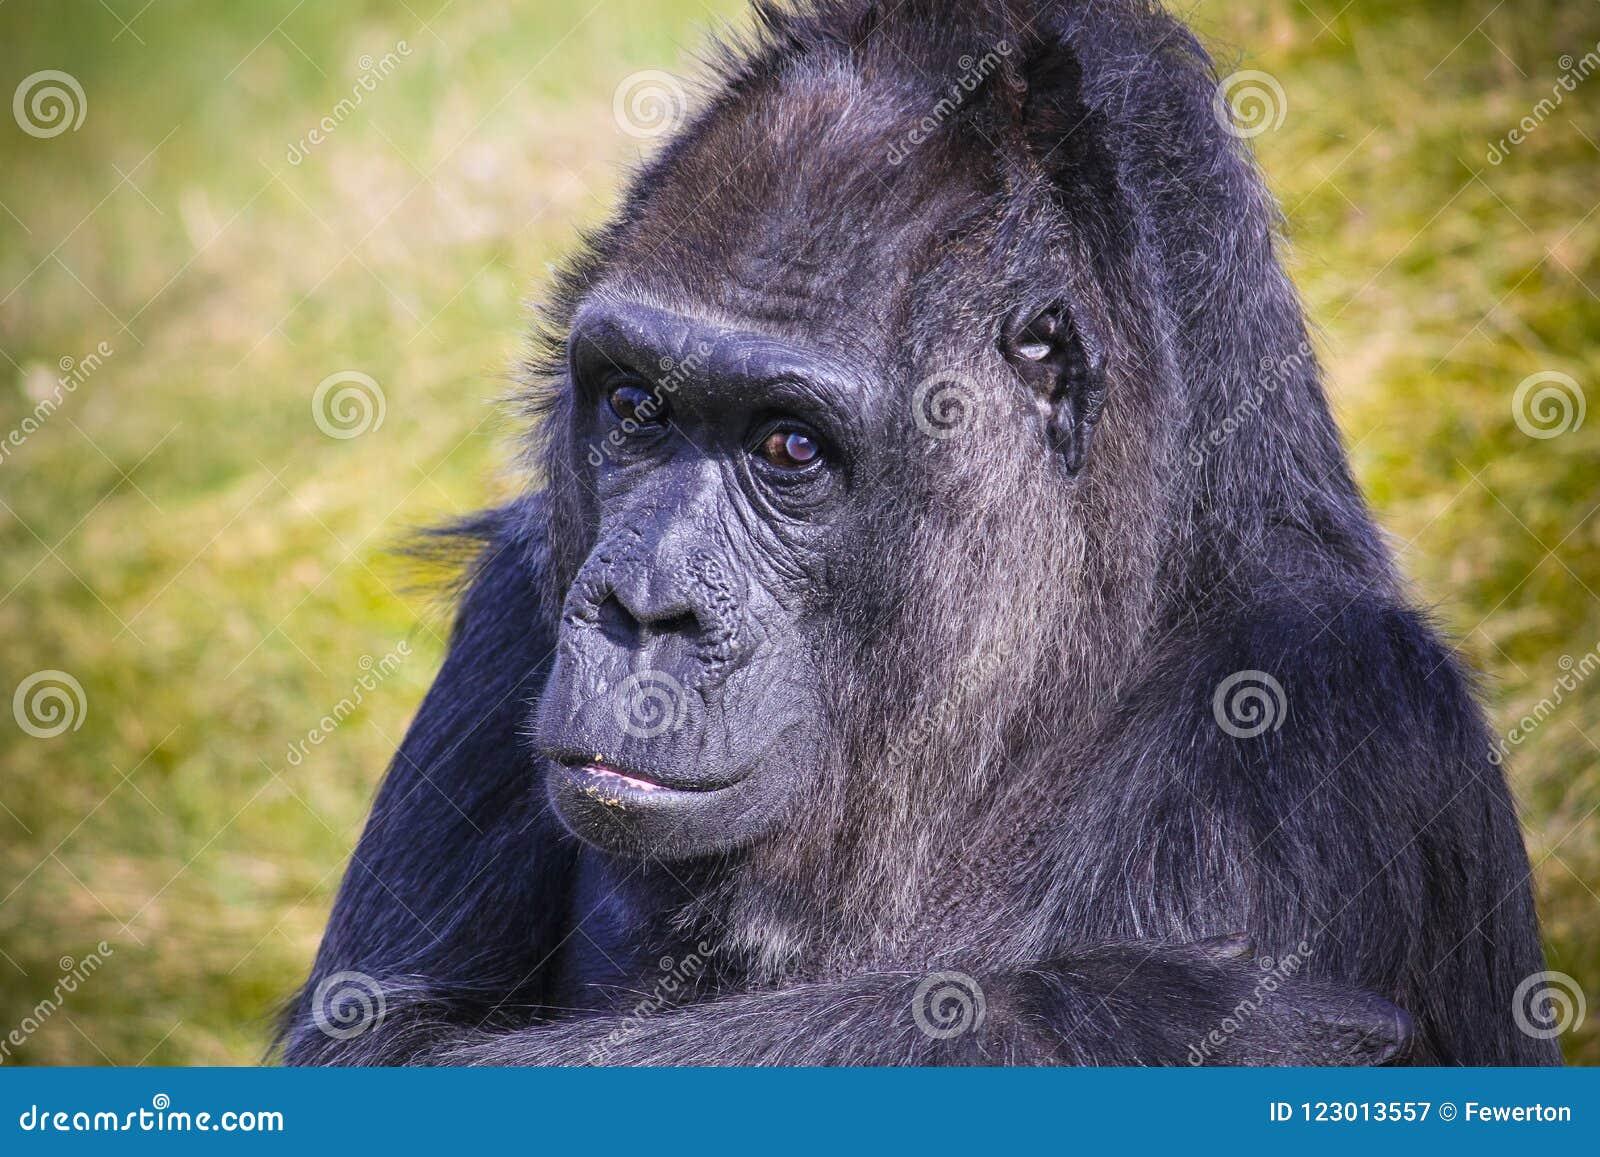 Смотреть вытаращиться гориллы в портрет головы объектива фотоаппарата с из предпосылкой зеленой травы фокуса